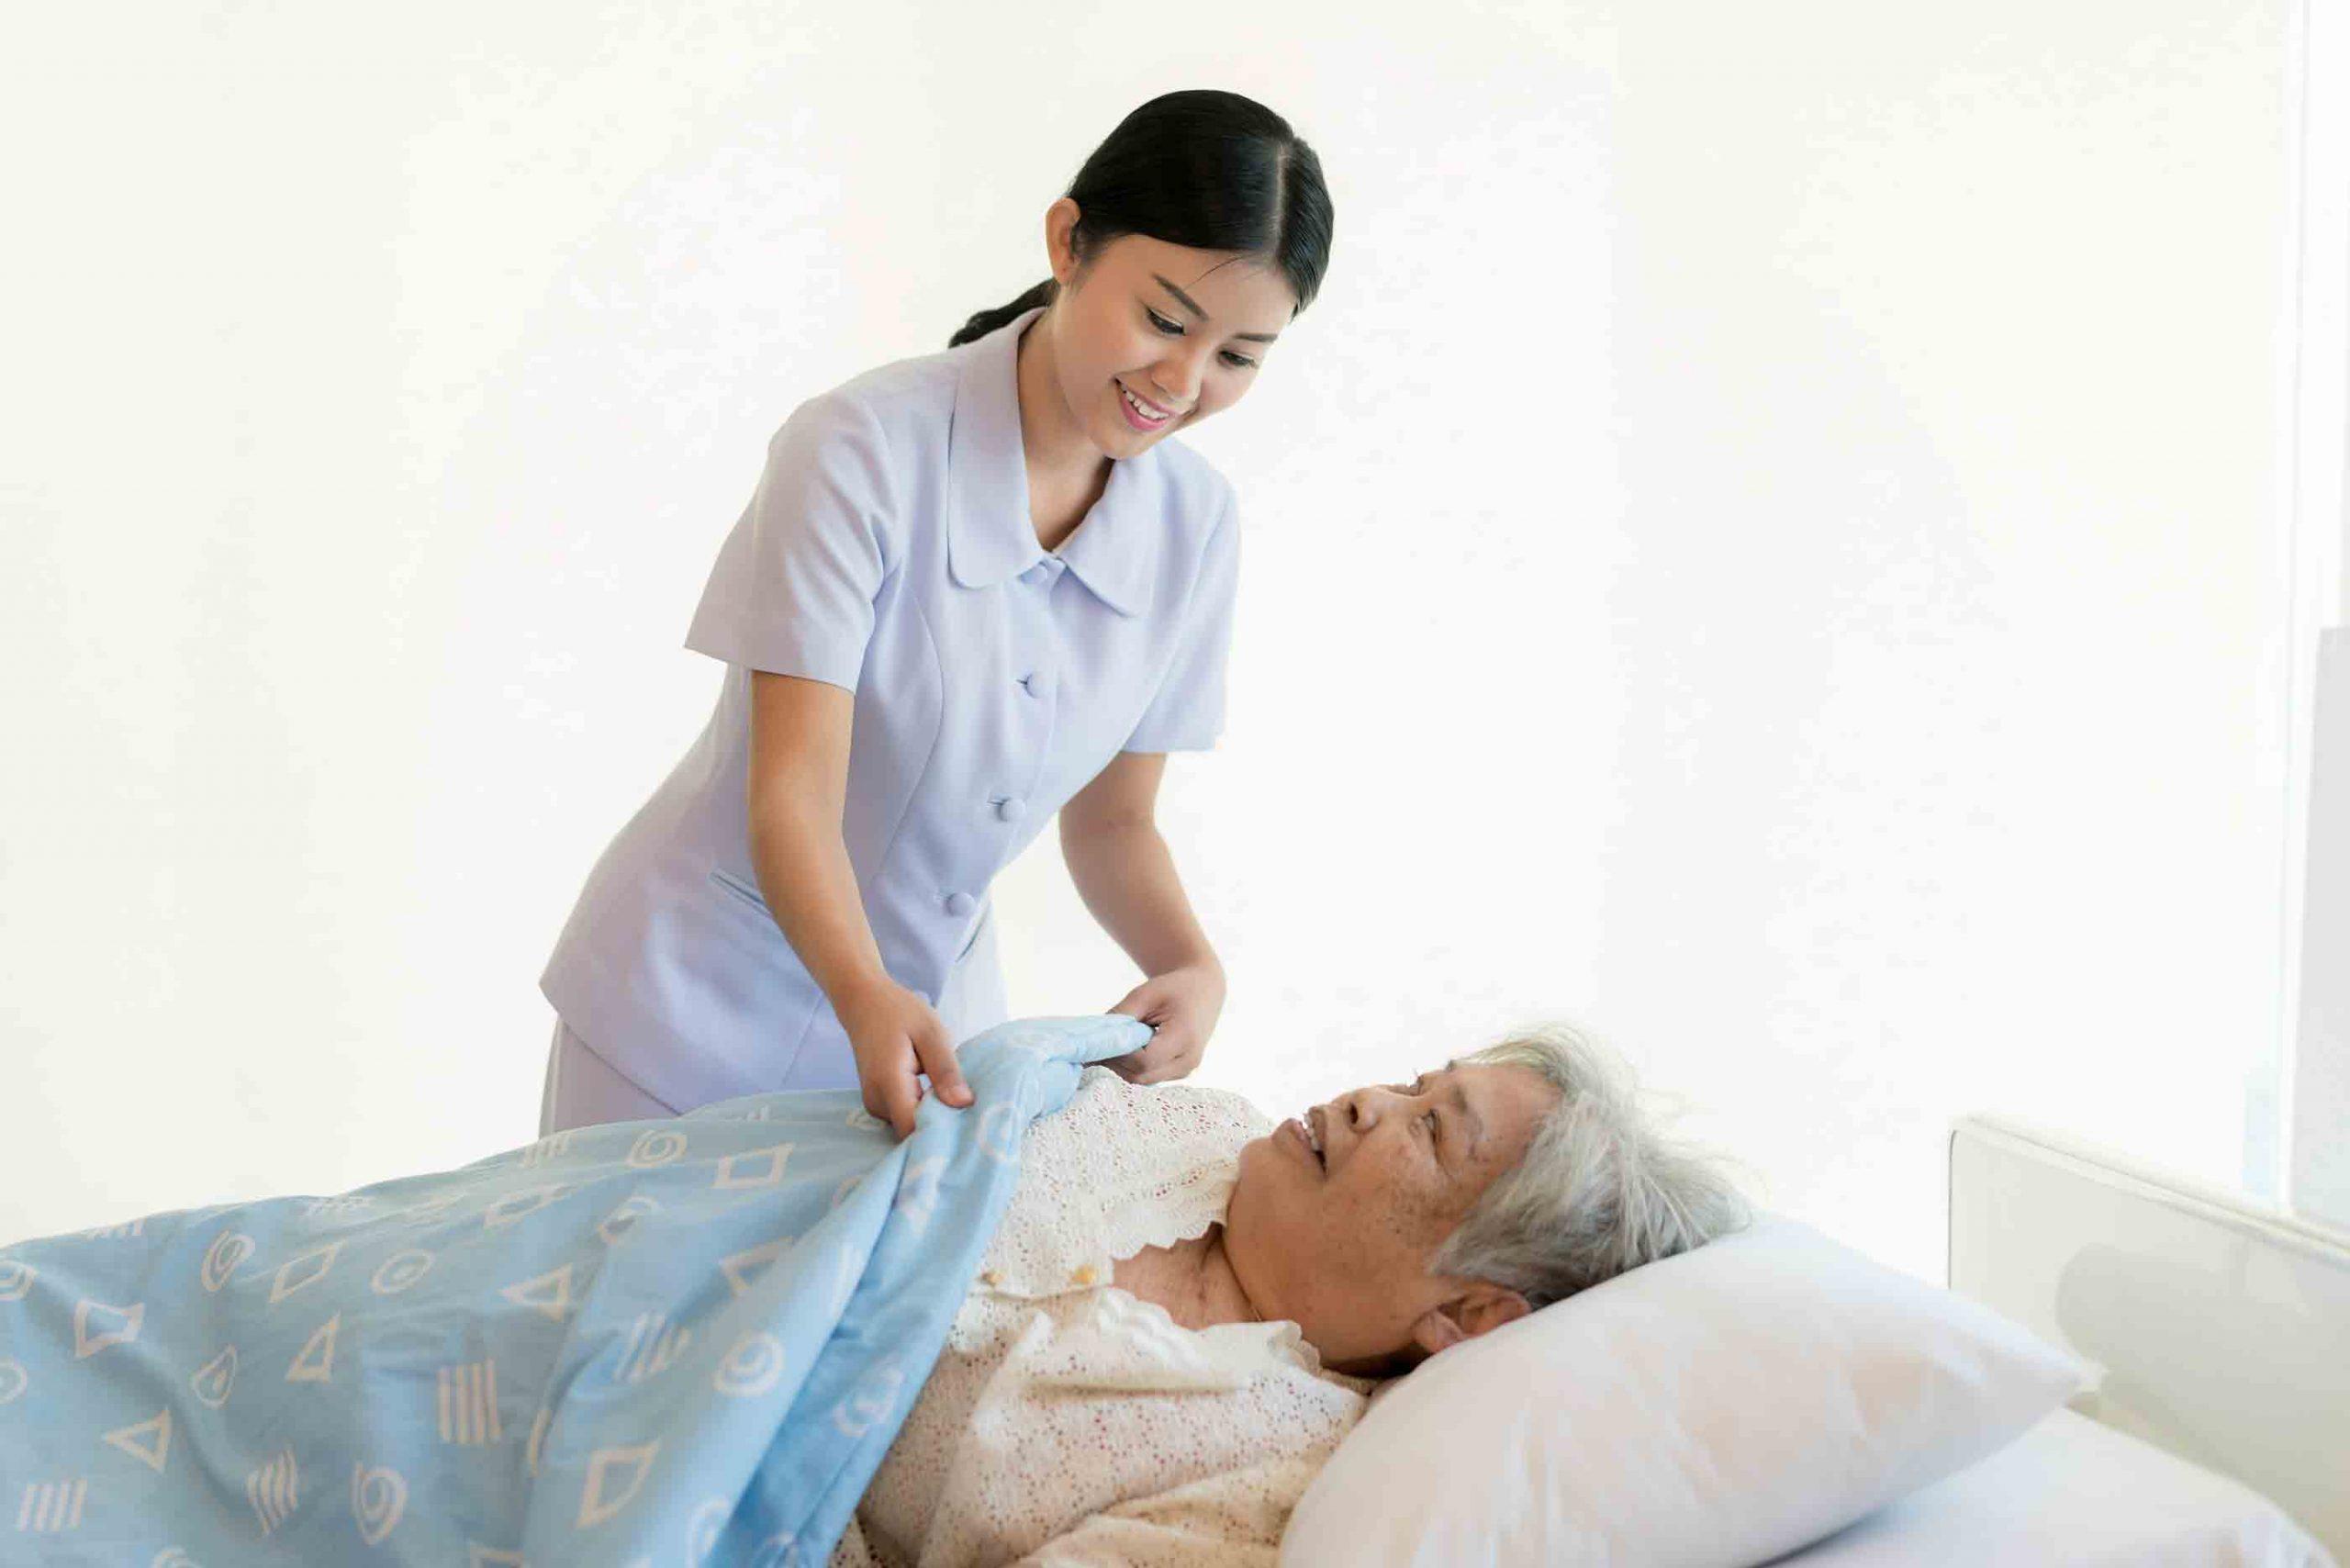 مراقبت و نگهداری از سالمندان در منزل | مرکز پارسیان مهرپرور